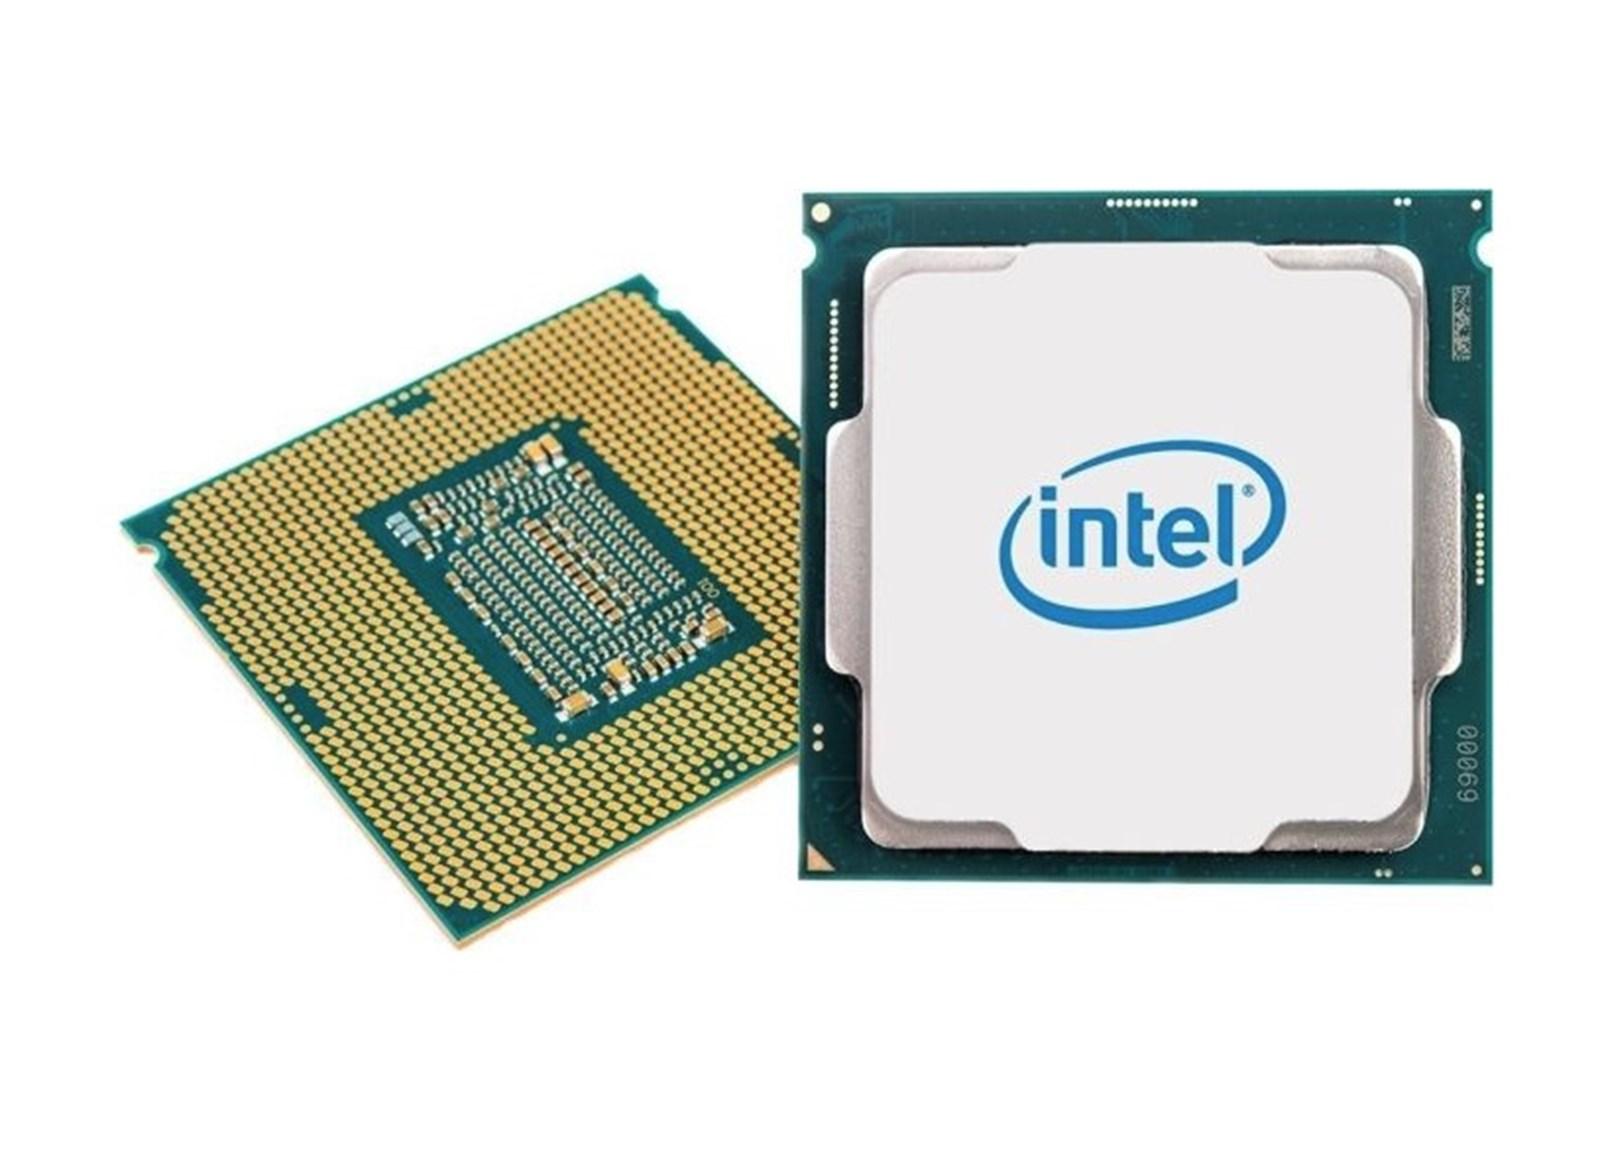 Uralt-CPU statt teurem Core i5: Betrug mit Fake-Prozessoren bei Amazon